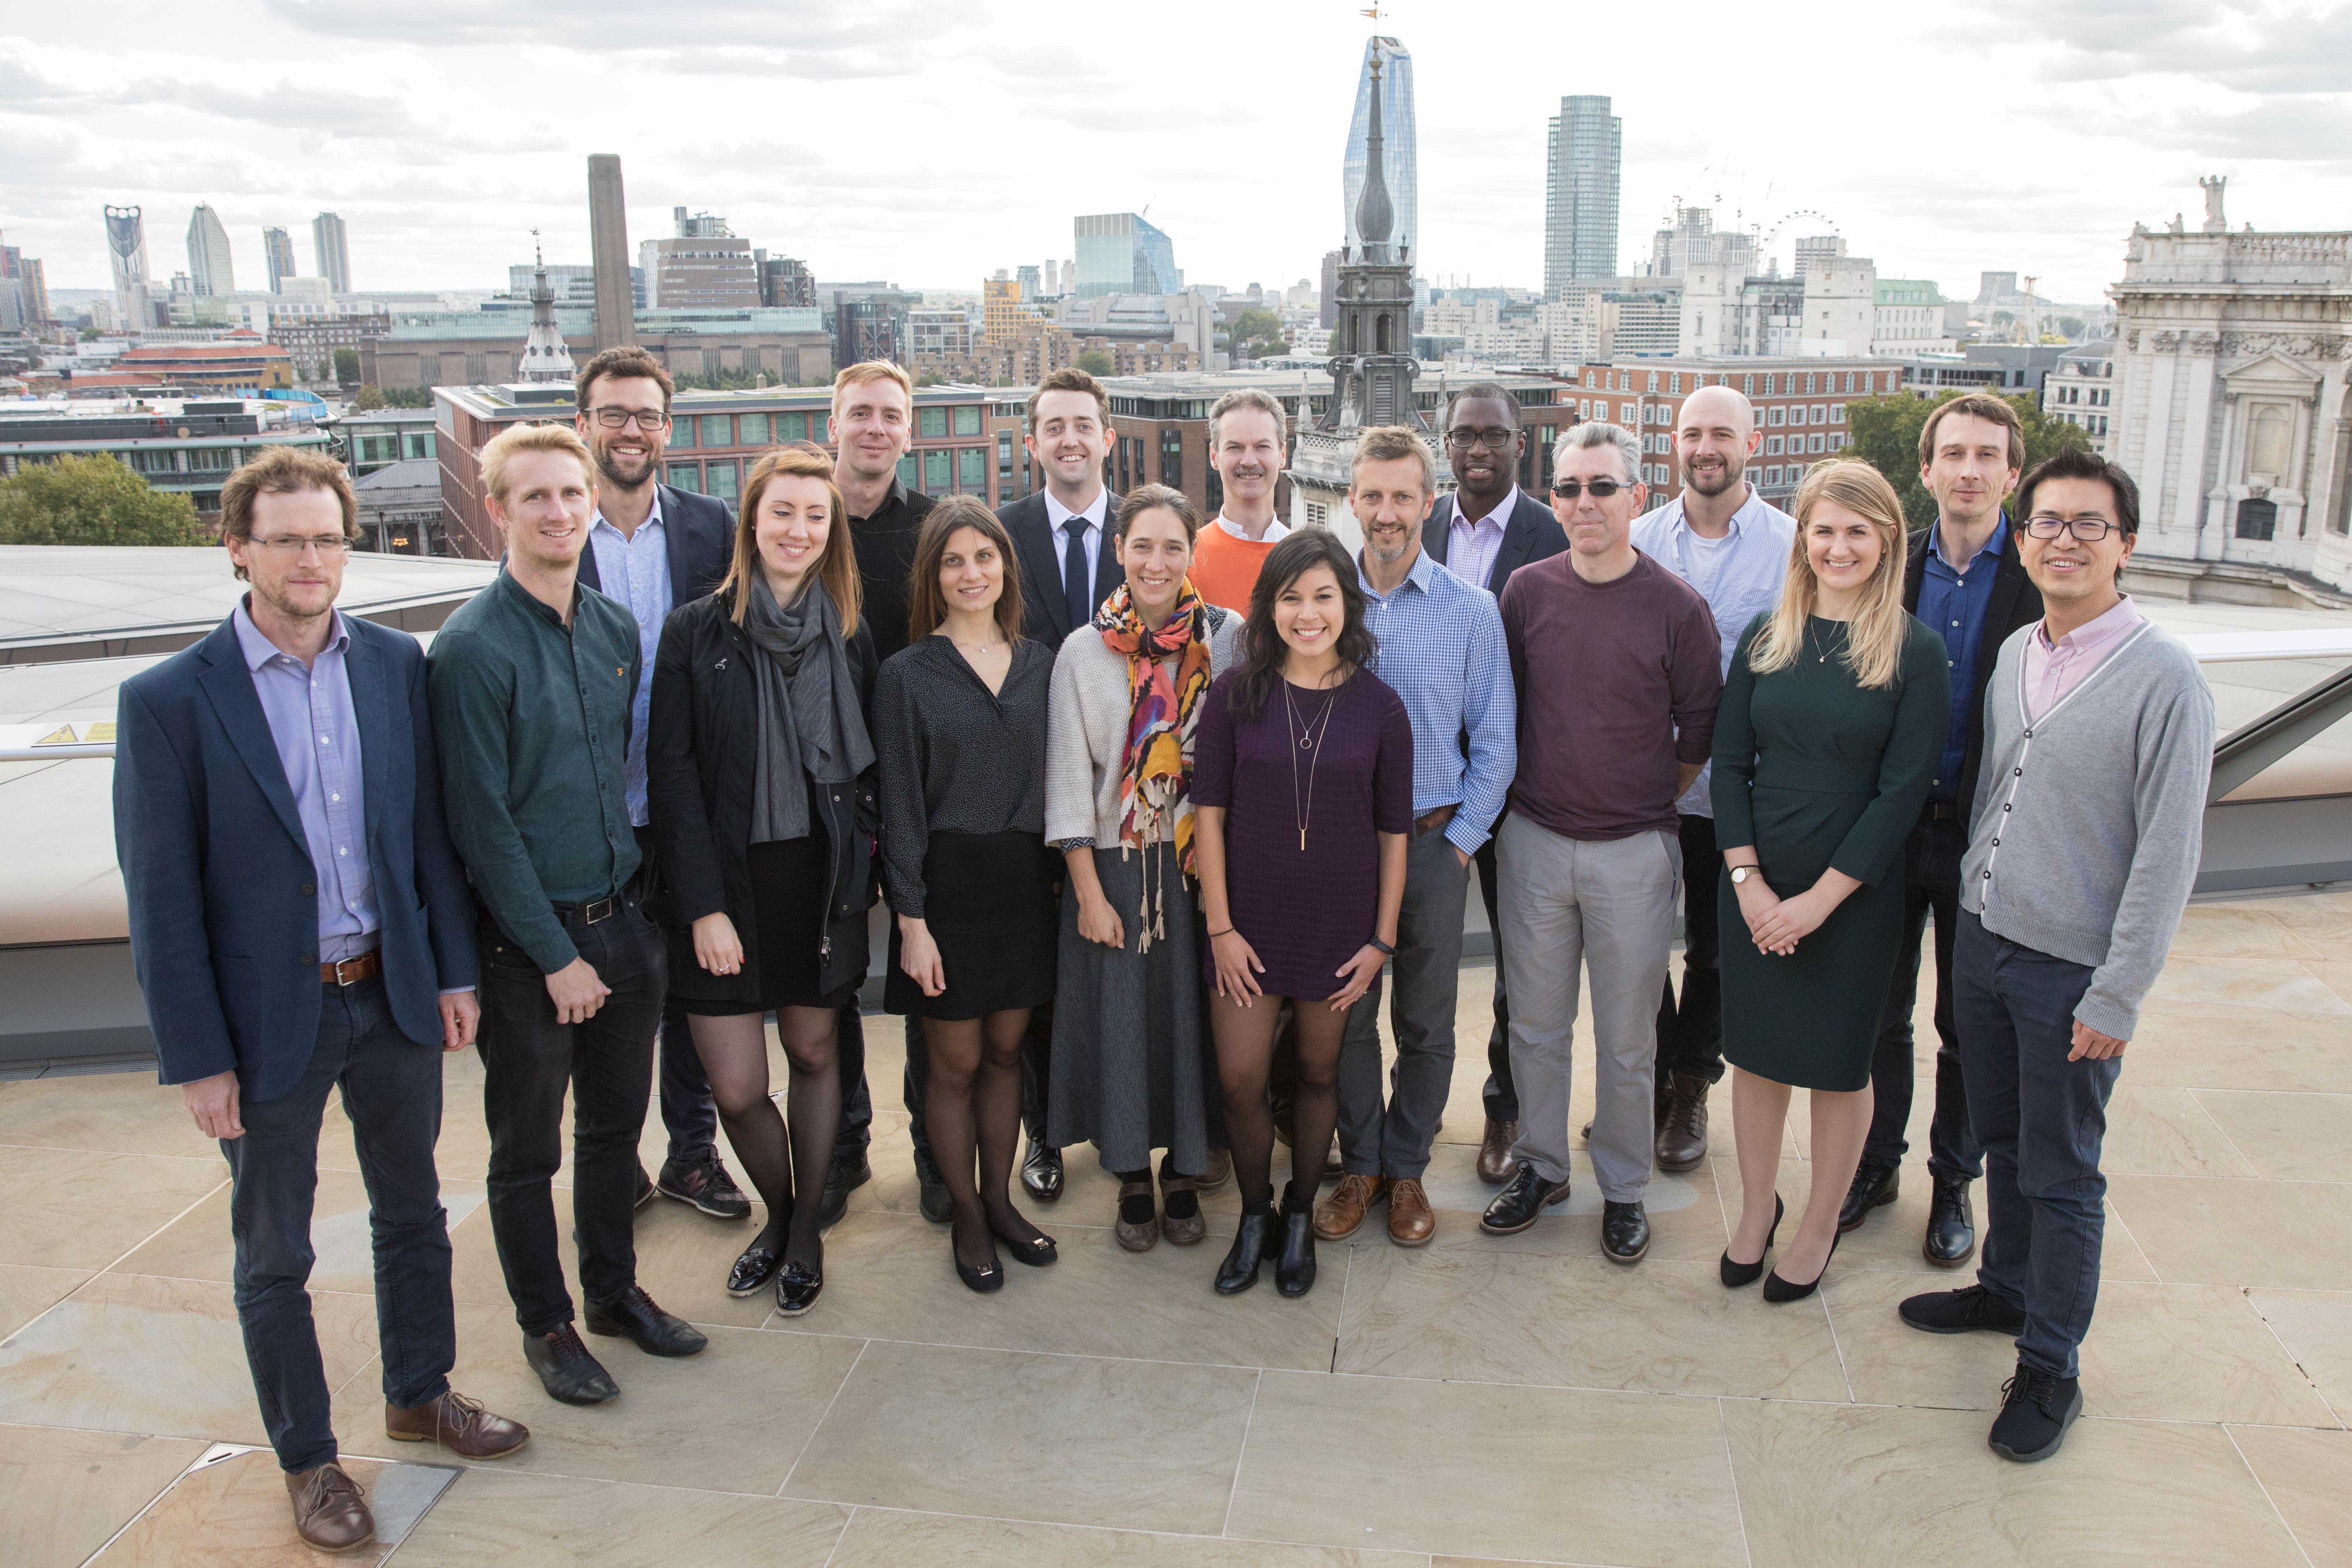 Team of consultants